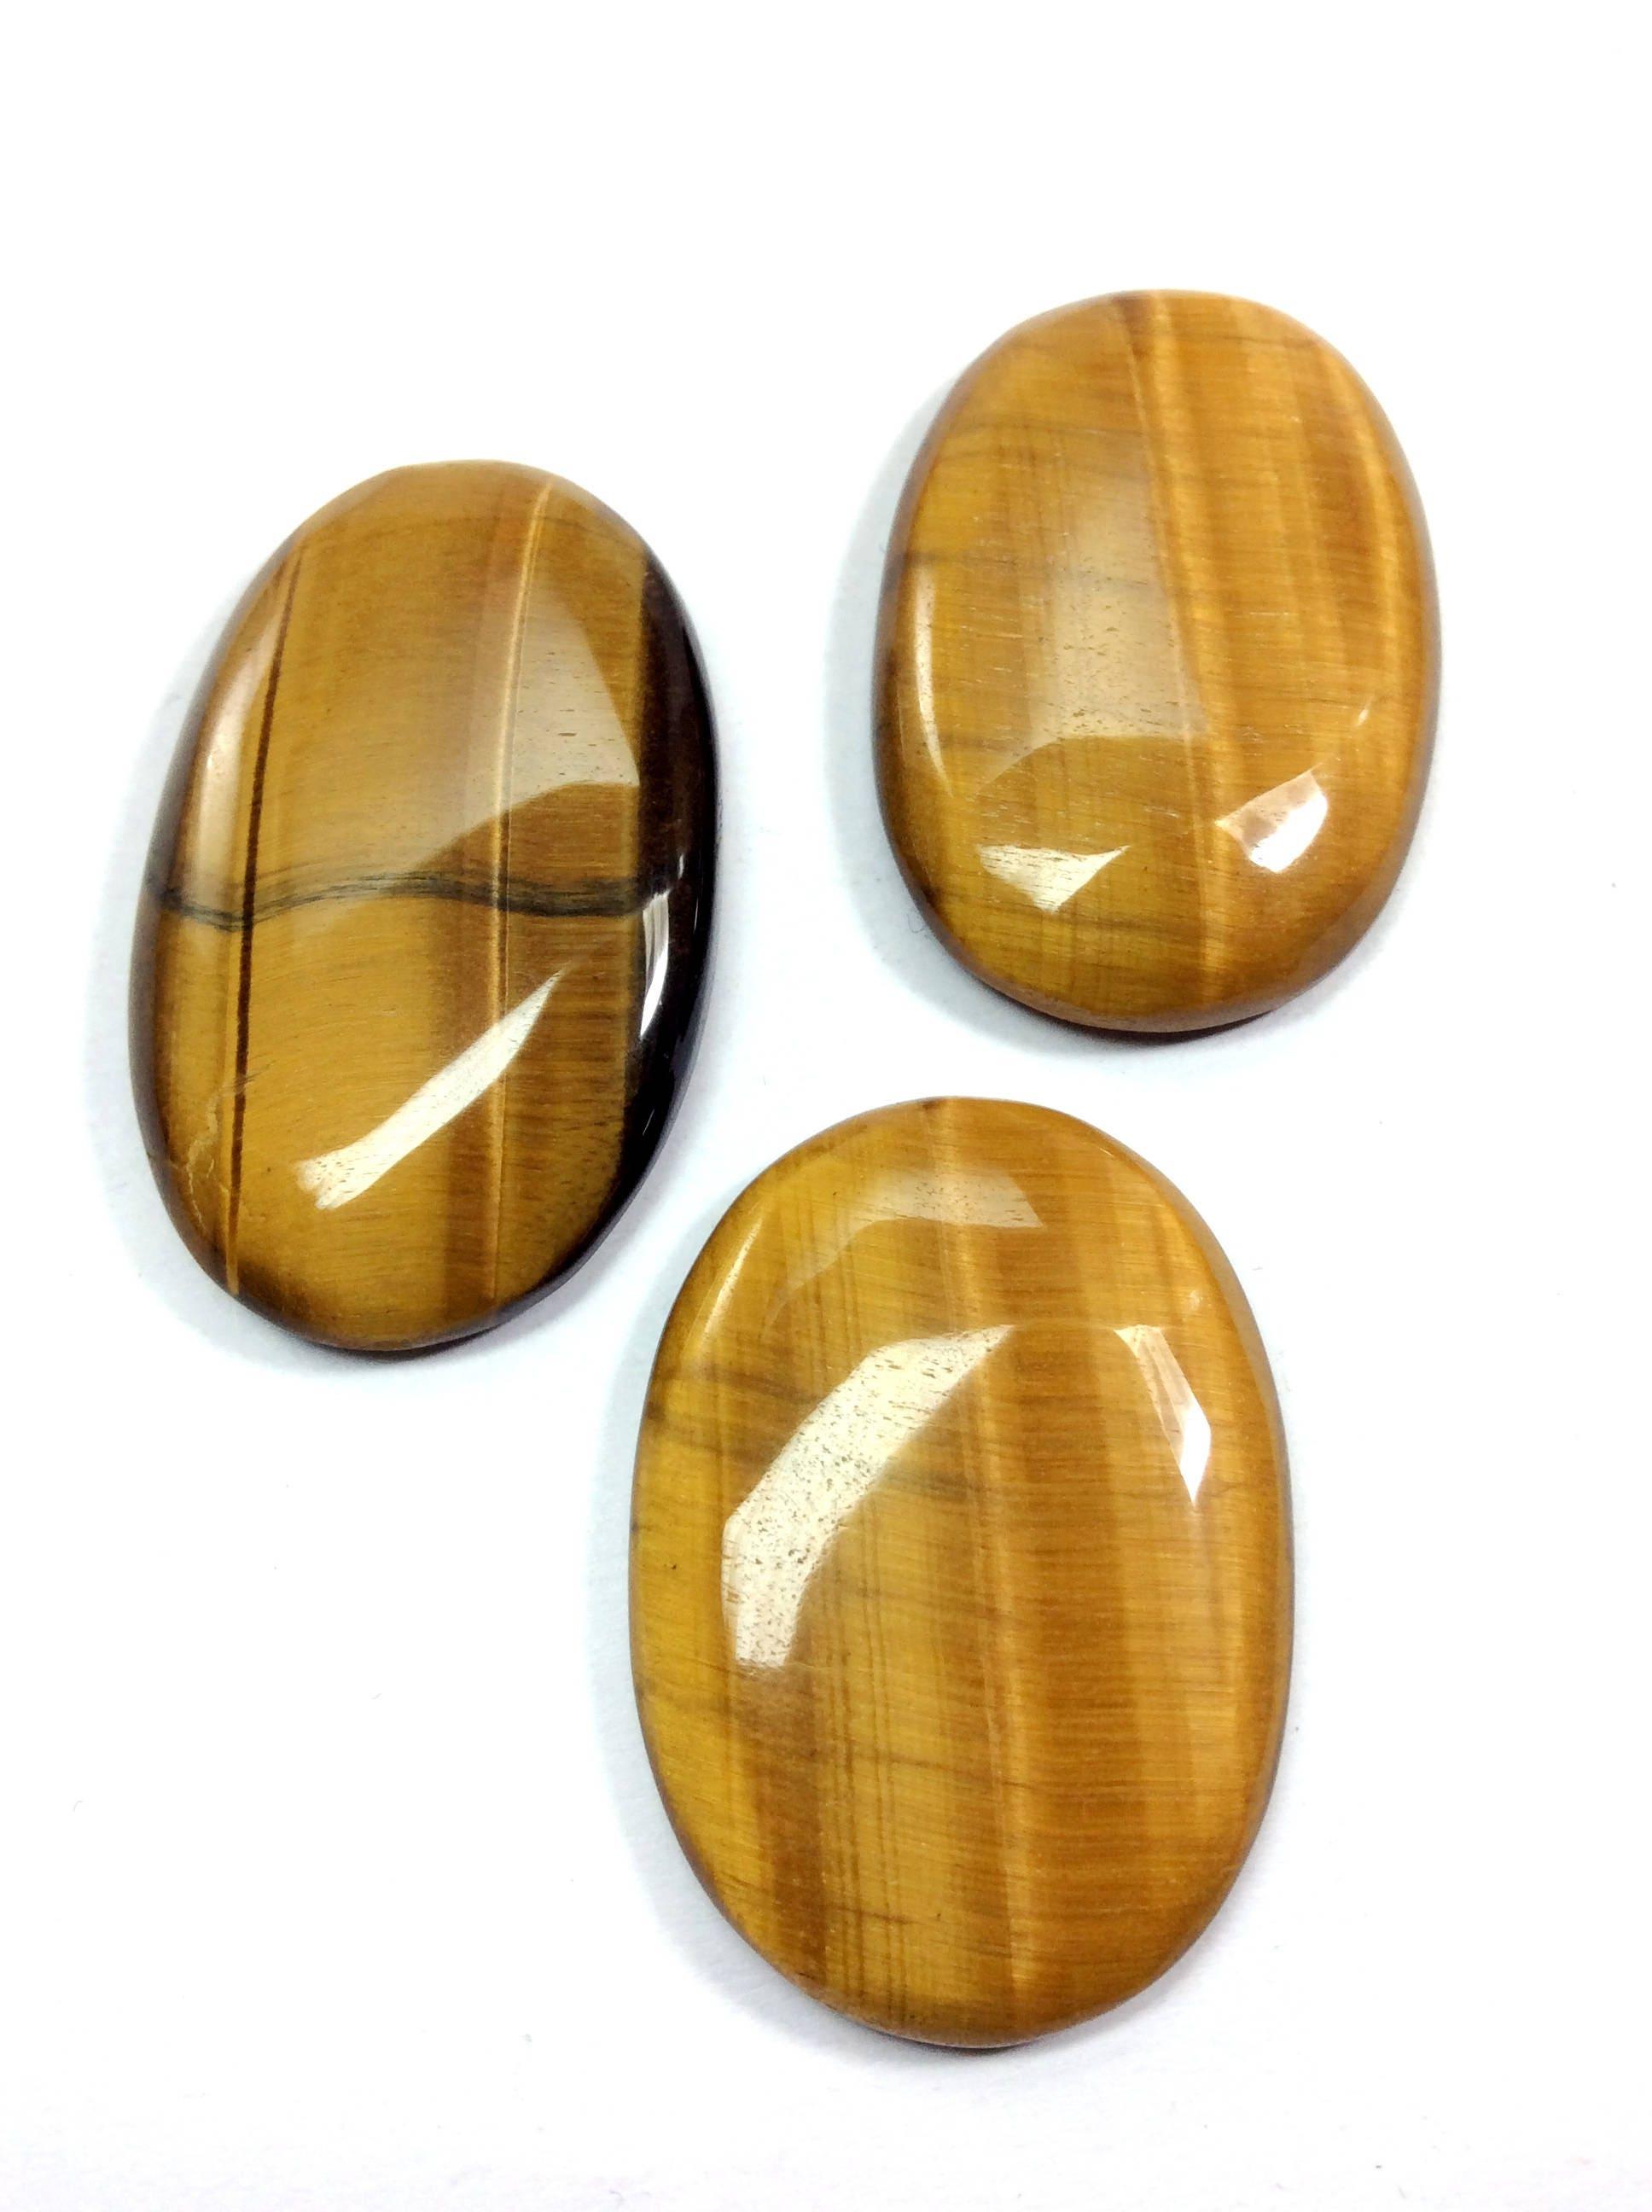 Pierre de de forme ovale de de cabochons d'oeil de tigre 40 à 45mm 6999f7